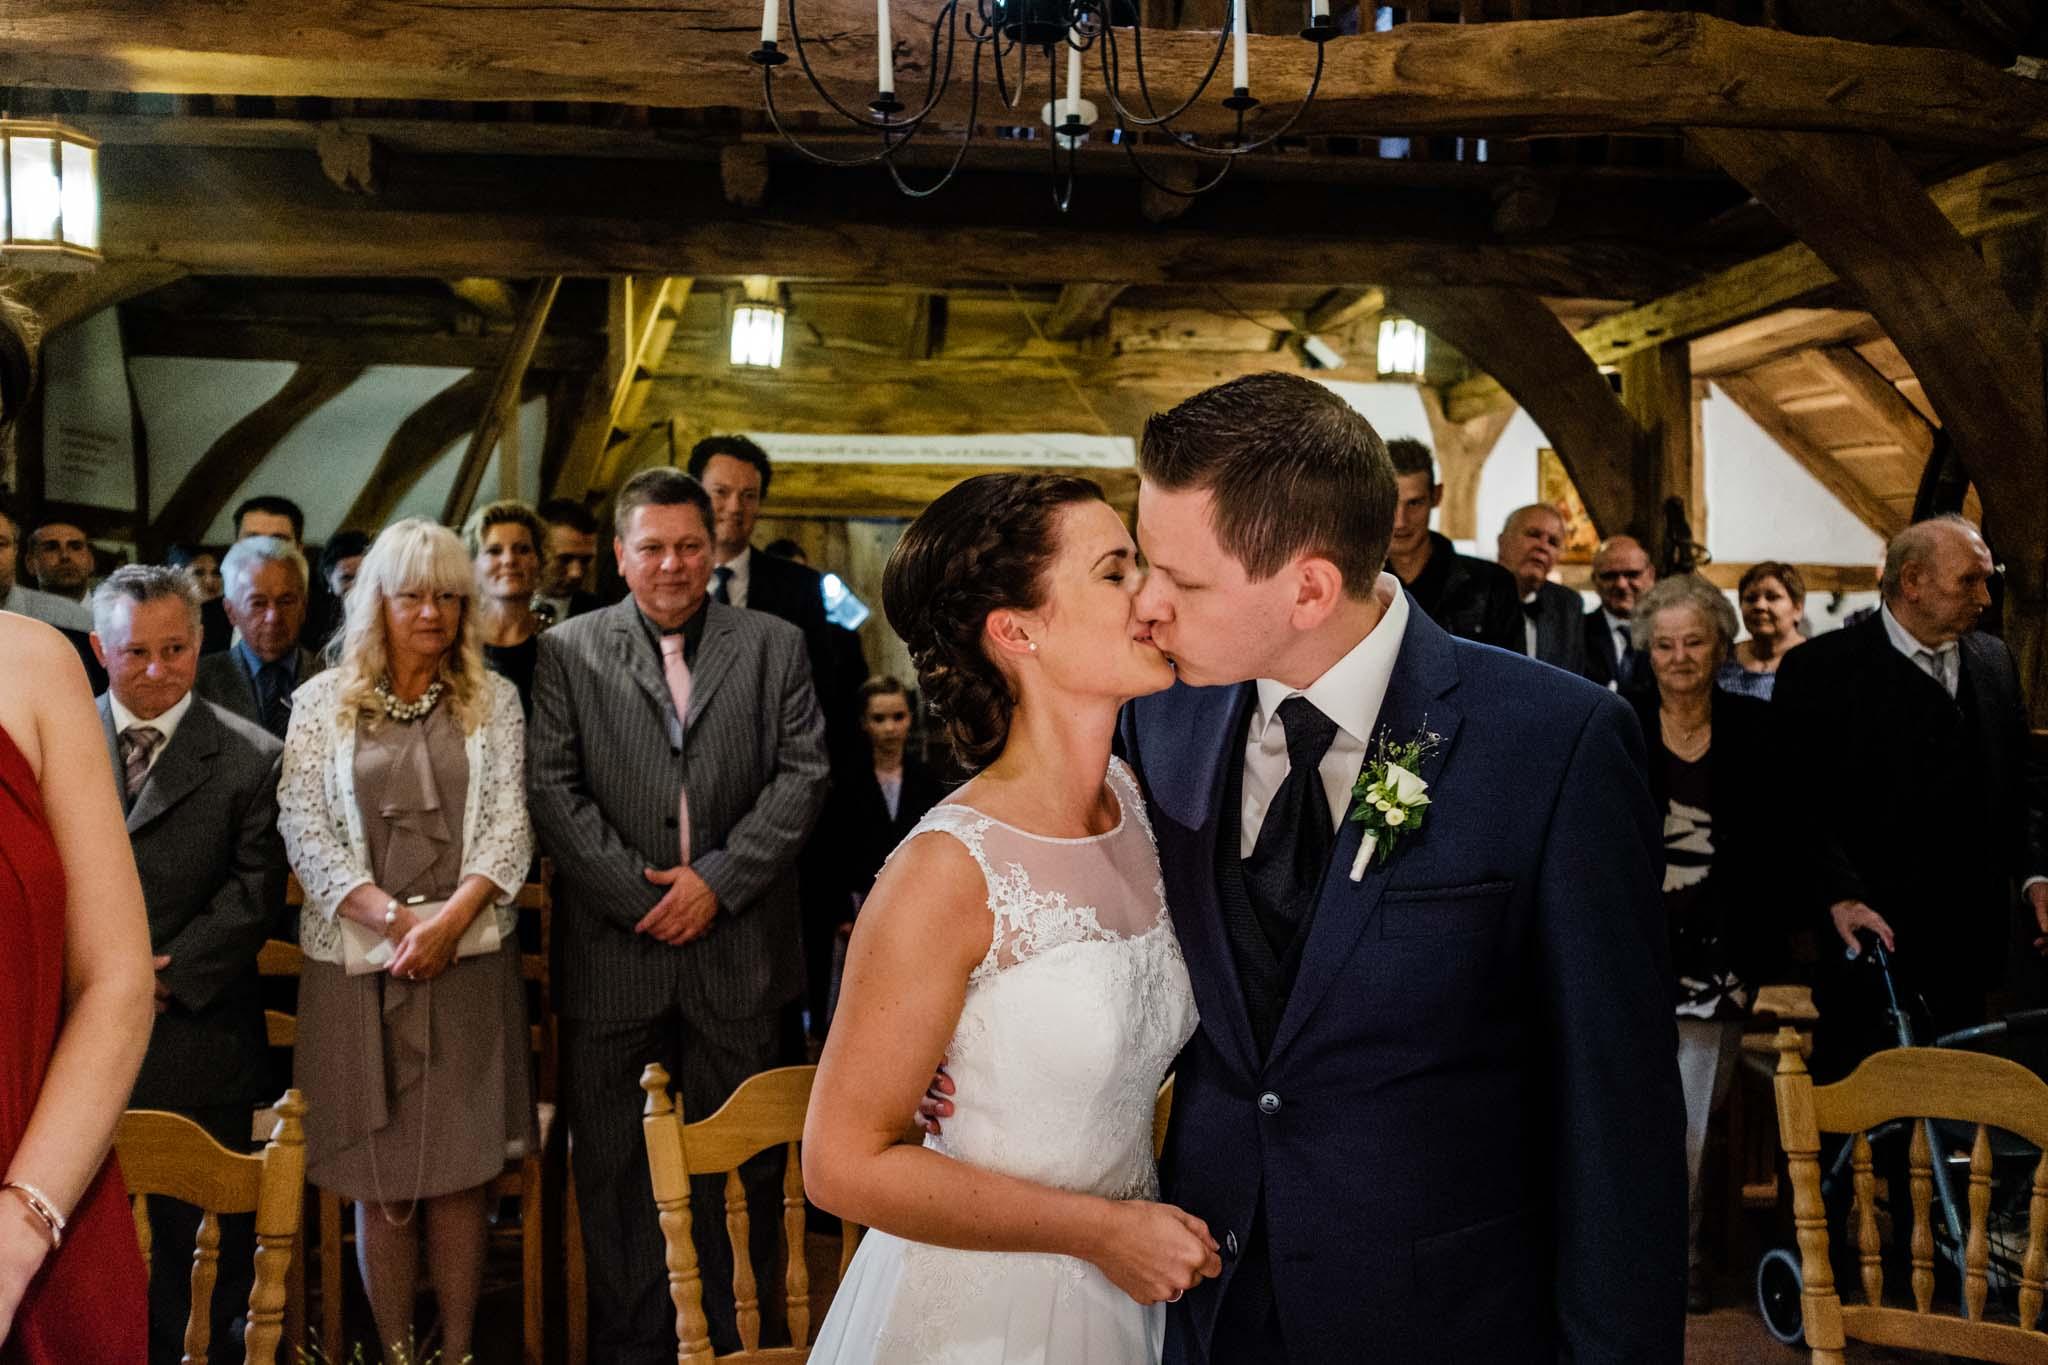 Hochzeit im Gastlichen Dorf in Delbrück - Trauung im Gastlichen Dorf